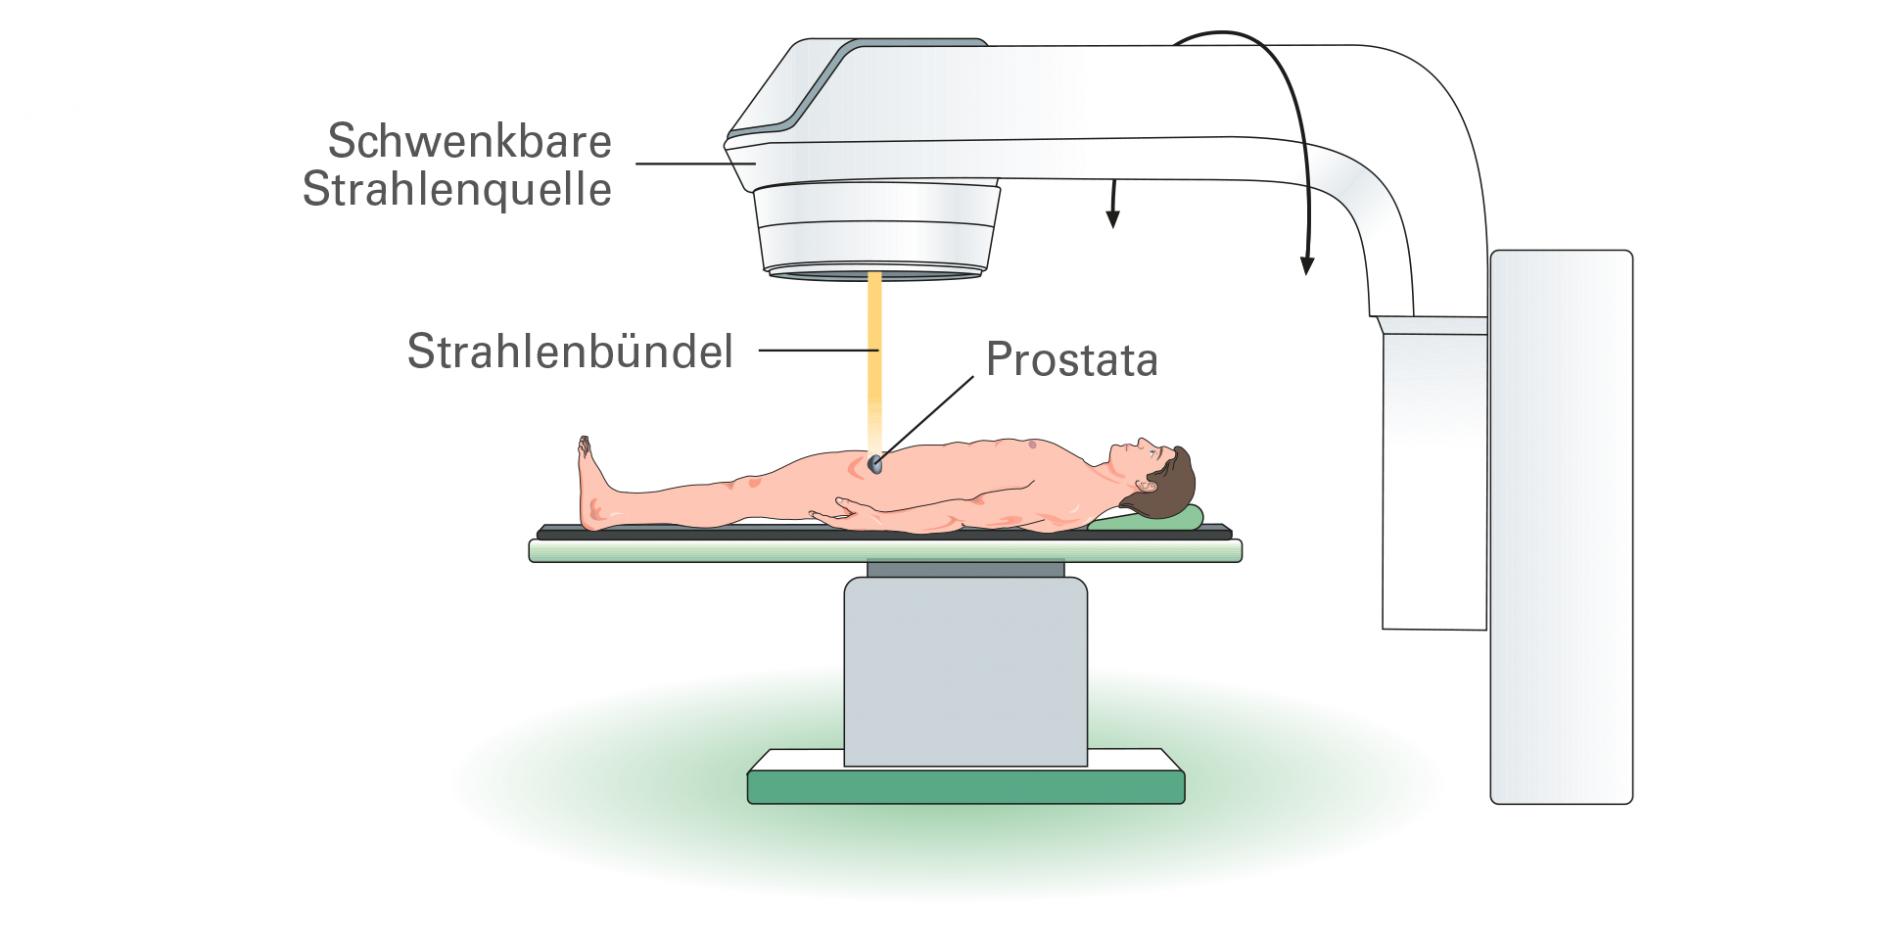 Von außen stimulieren prostata So funktioniert